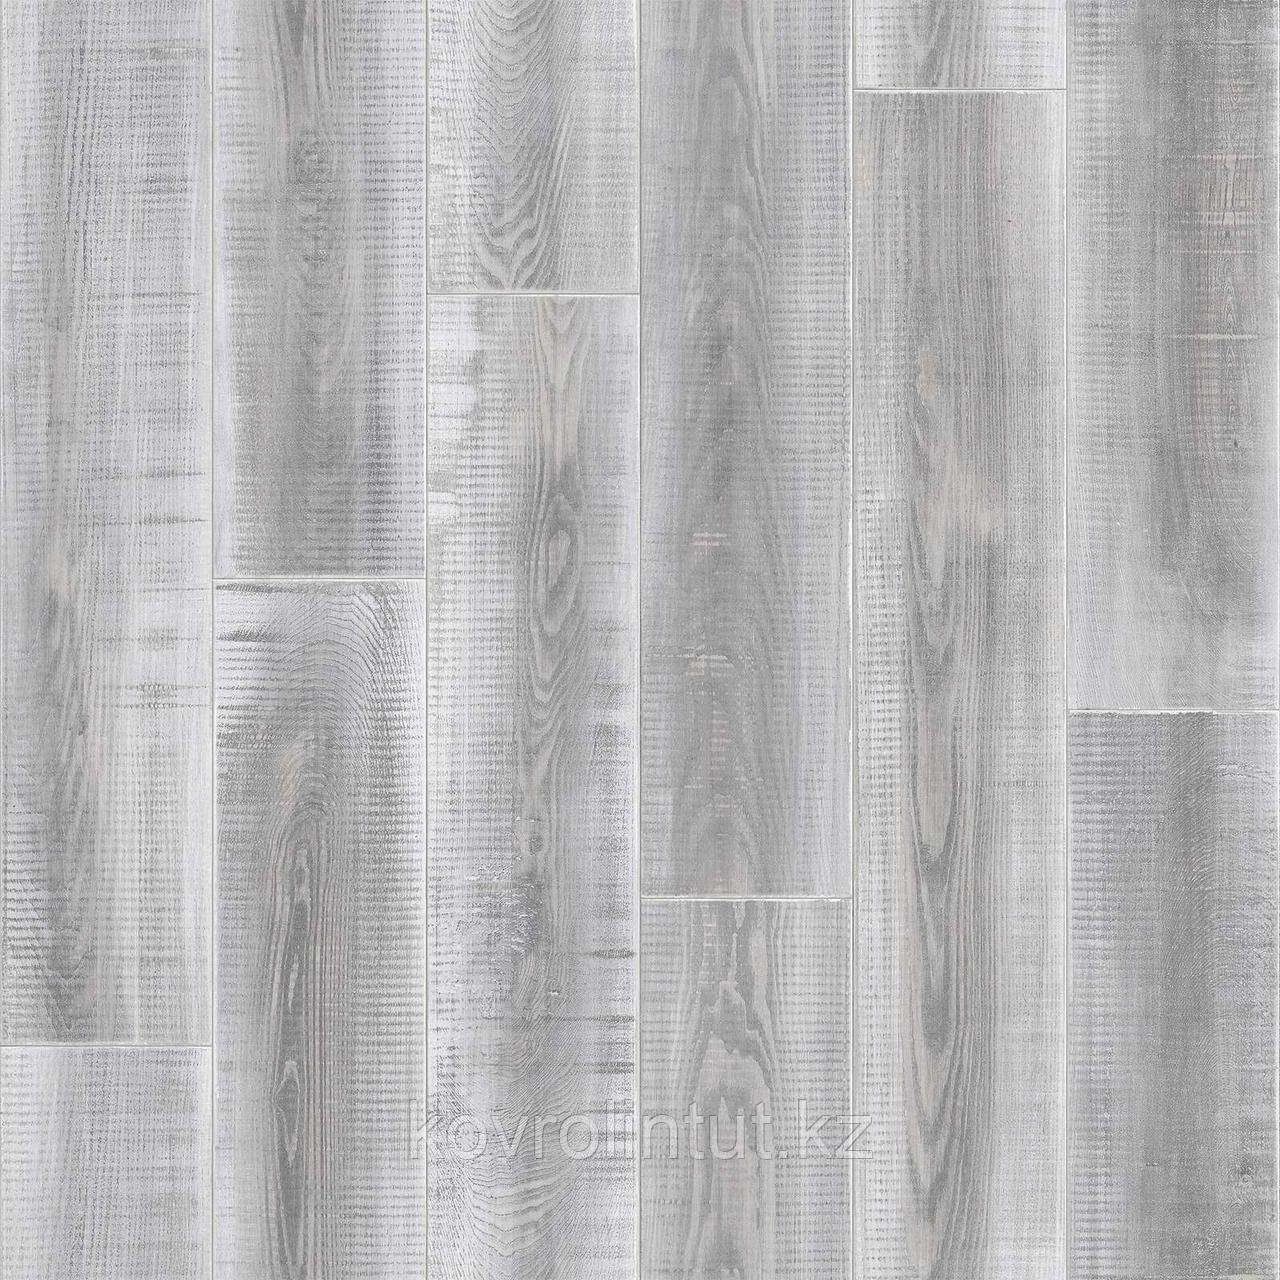 Линолеум Sinteros бытовой Comfort Bengal 3 2,5 м